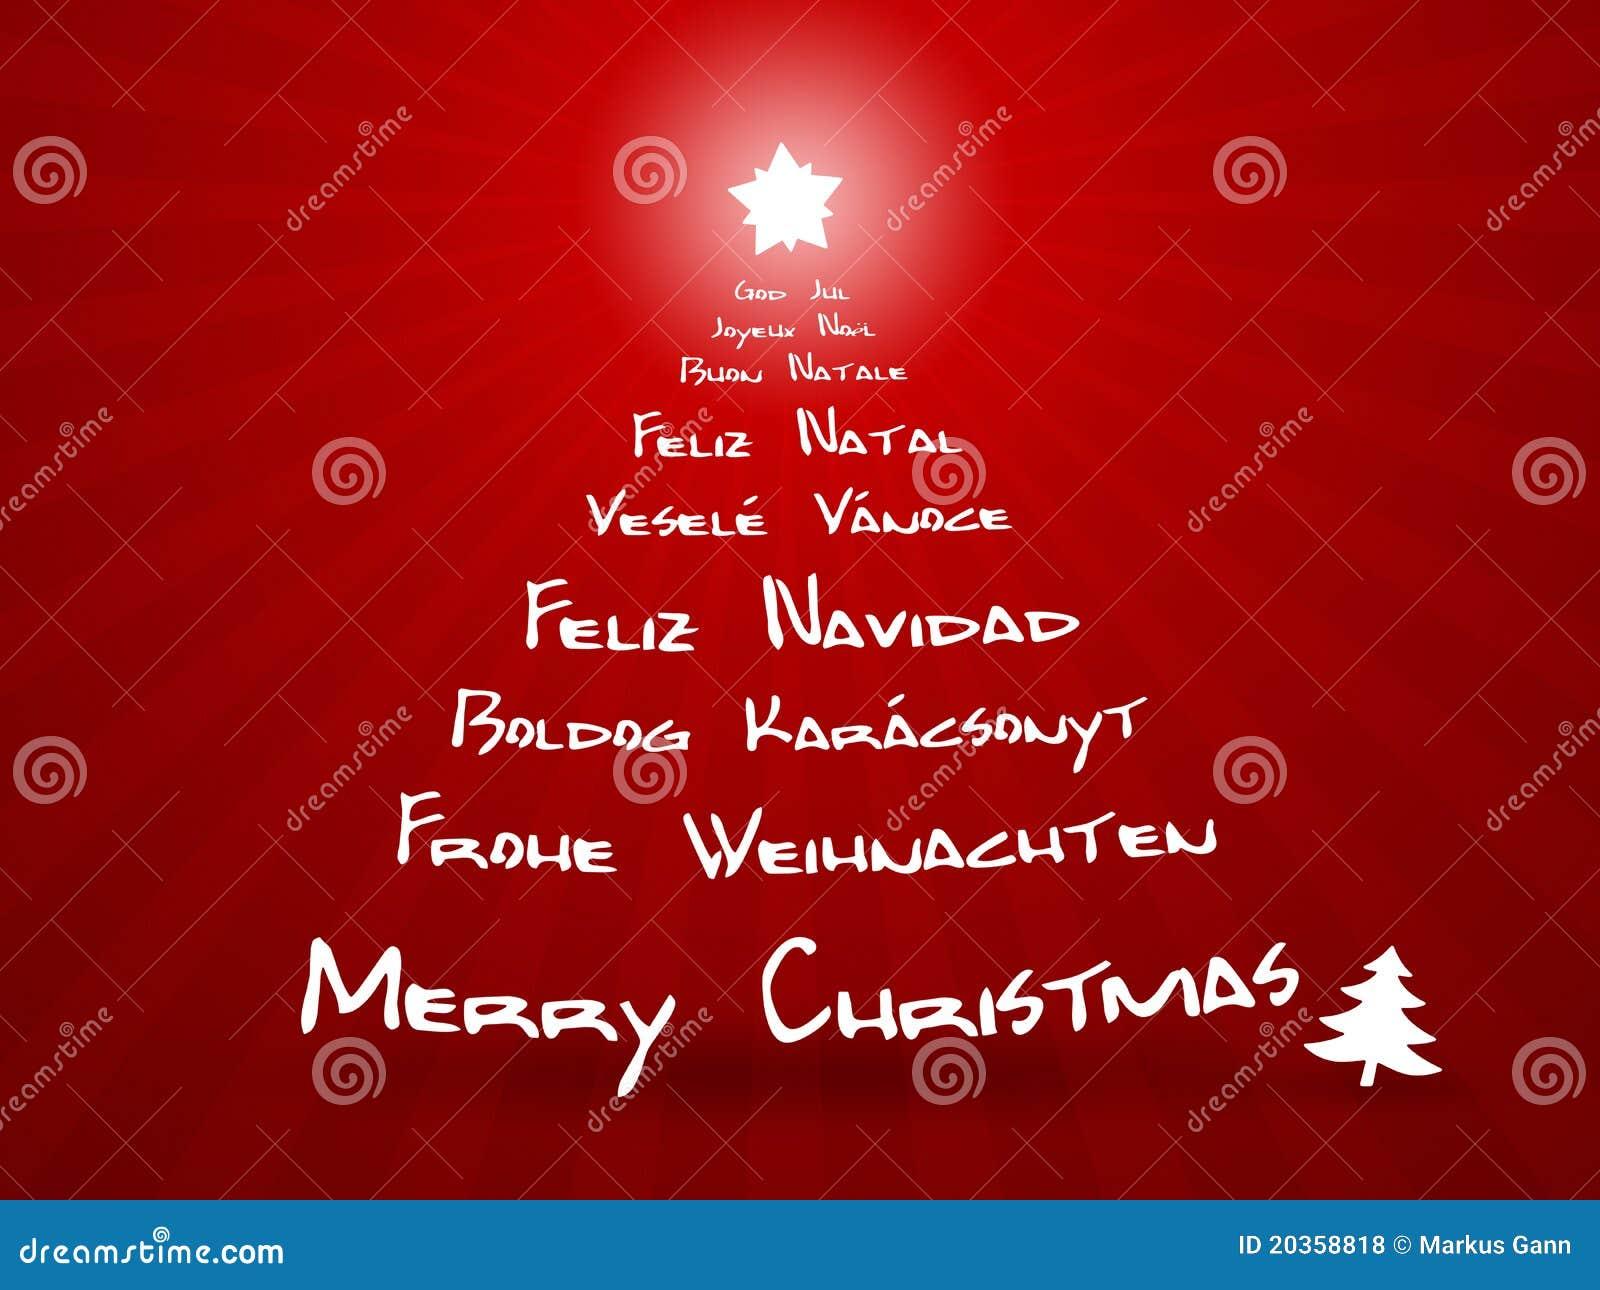 übersetzer Frohe Weihnachten.Frohe Weihnachten In Den Verschiedenen Sprachen Stock Abbildung